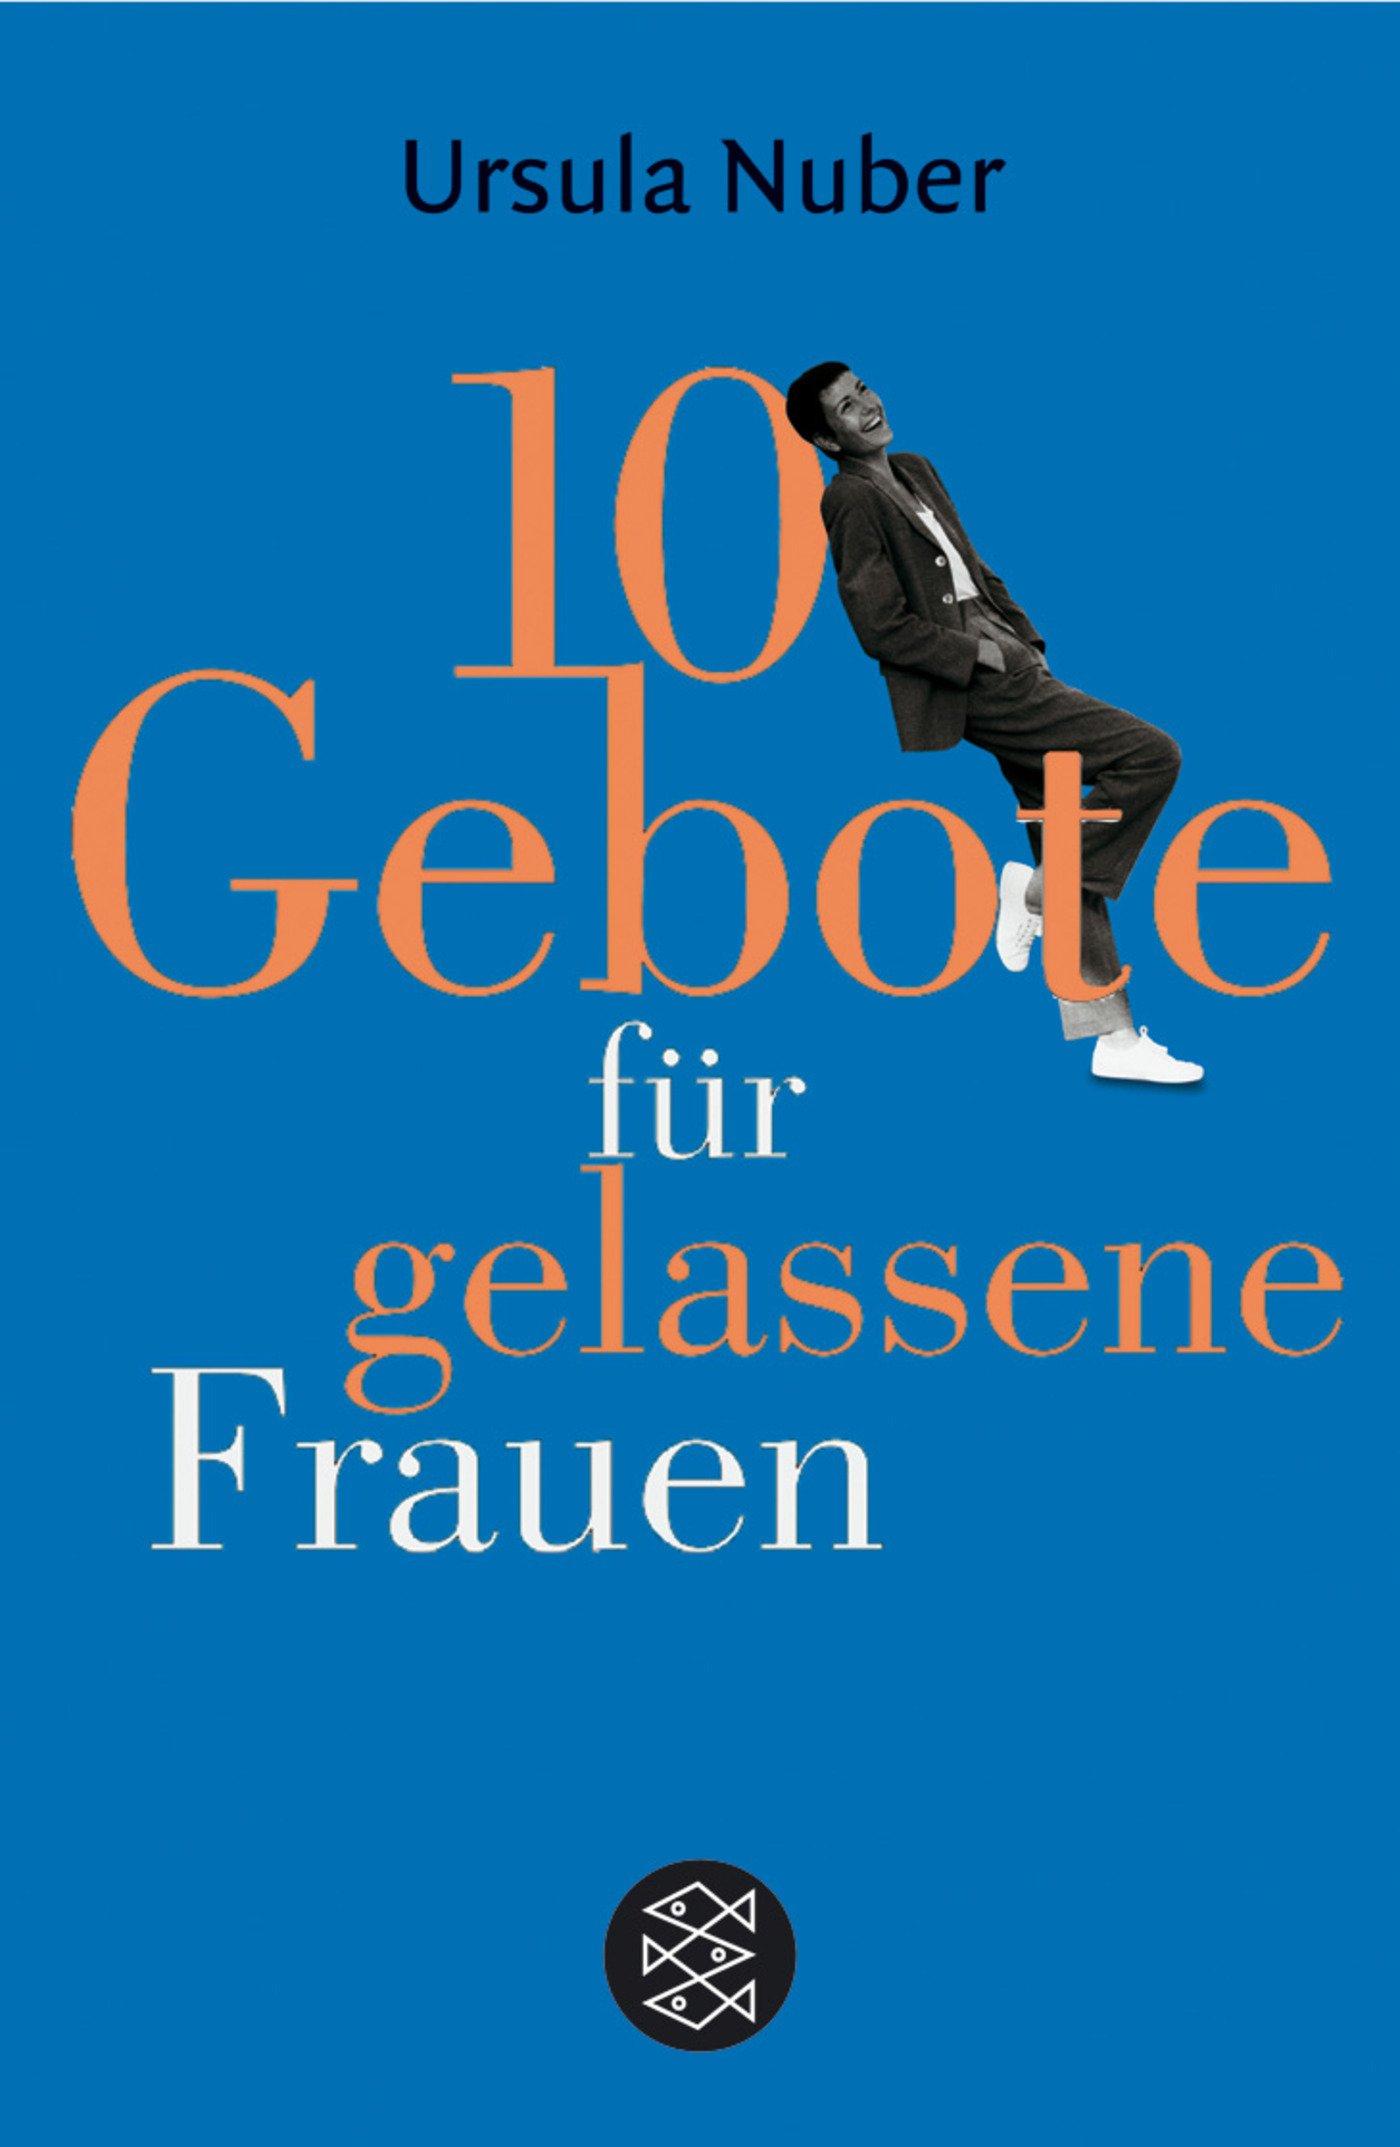 10 Gebote für gelassene Frauen (Englisch) Taschenbuch – 1. April 2005 Ursula Nuber FISCHER Taschenbuch 359616334X German